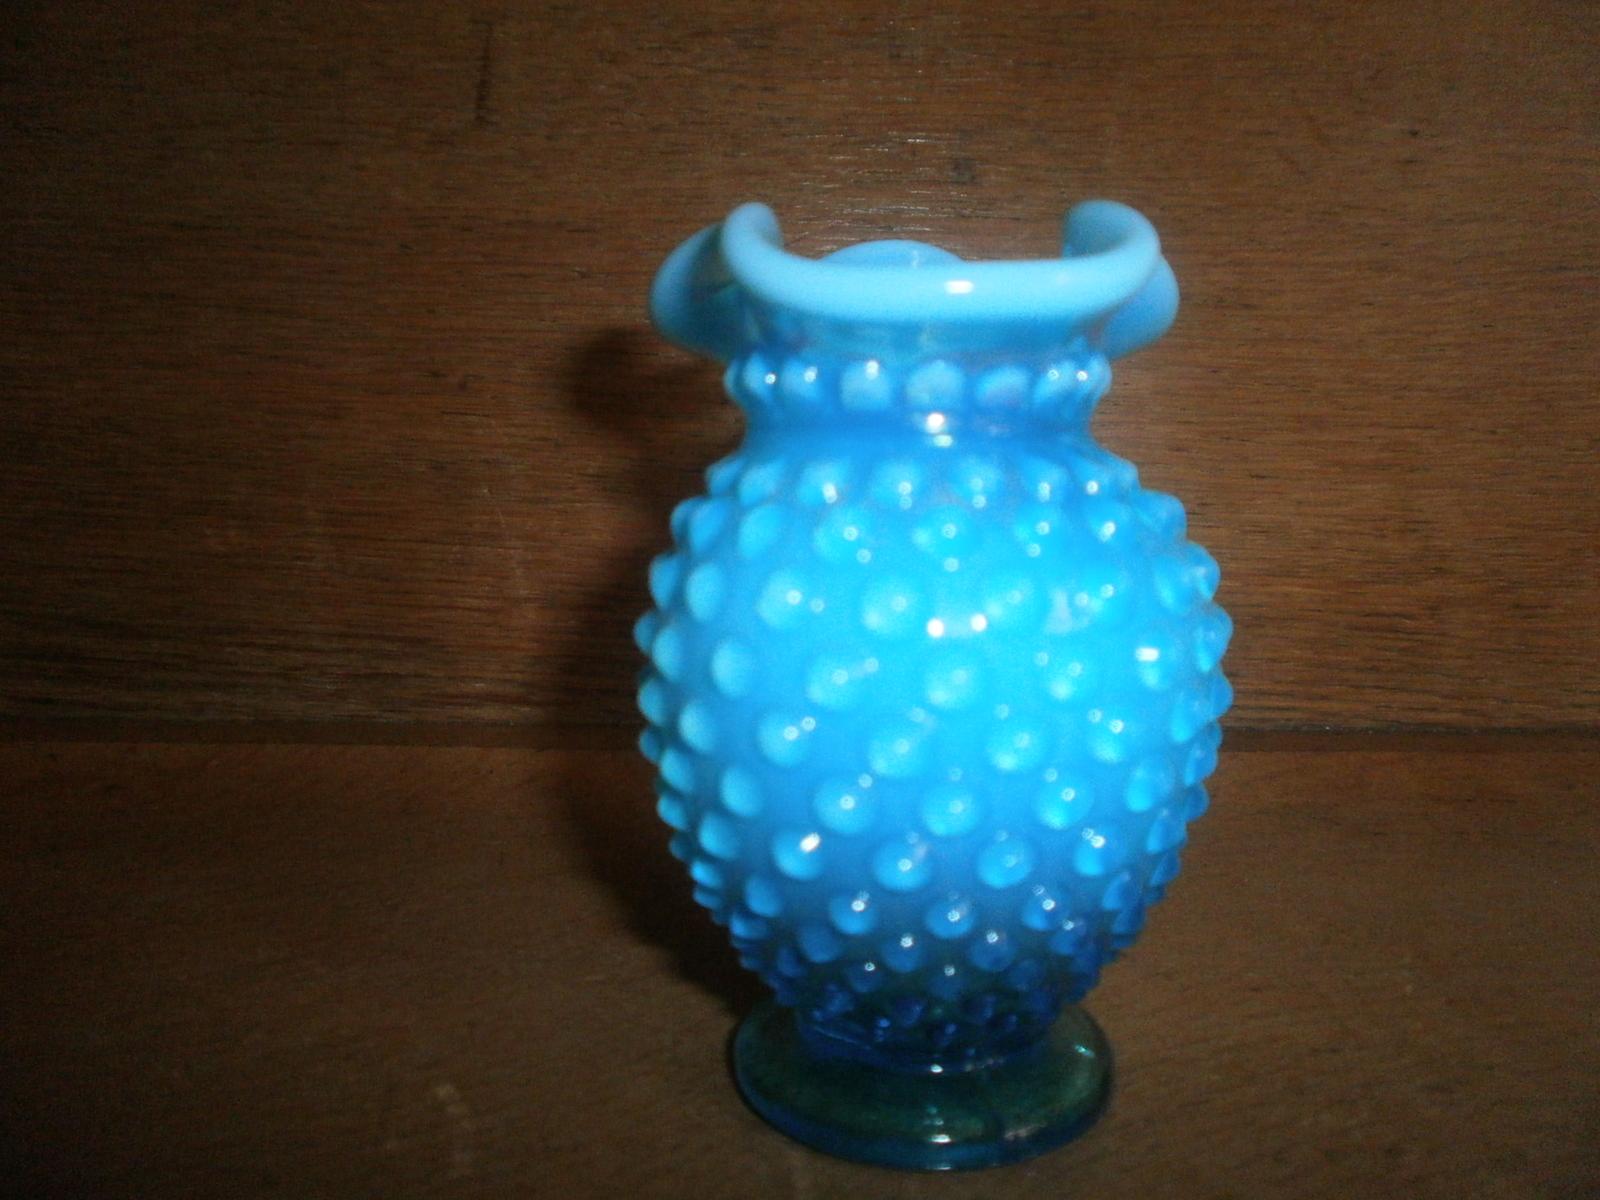 Blue Hobnail Vase